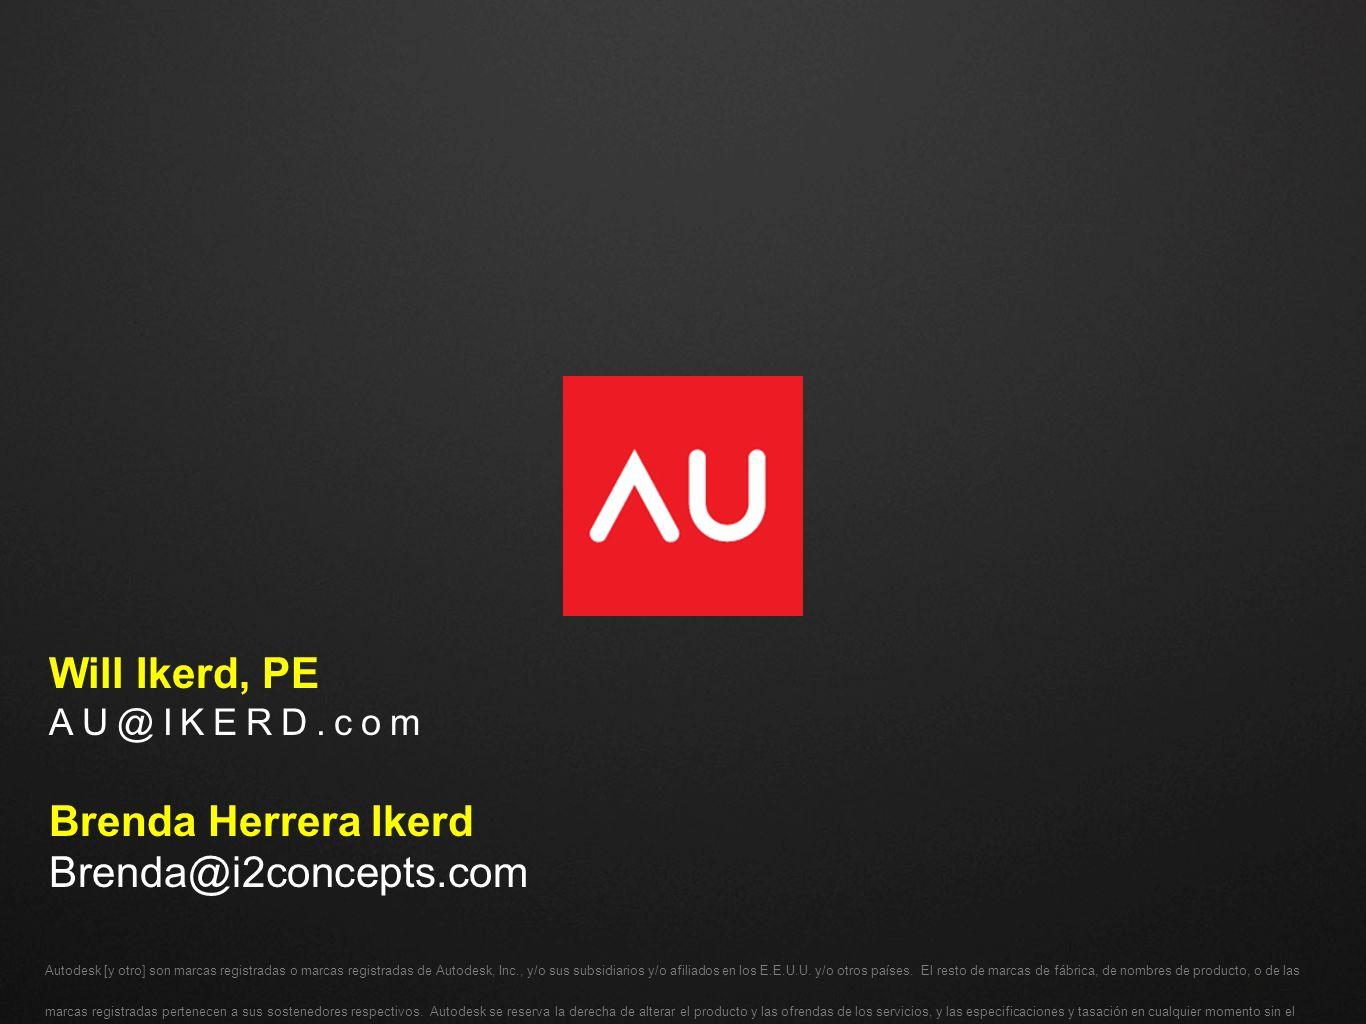 Autodesk [y otro] son marcas registradas o marcas registradas de Autodesk, Inc., y/o sus subsidiarios y/o afiliados en los E.E.U.U. y/o otros países.